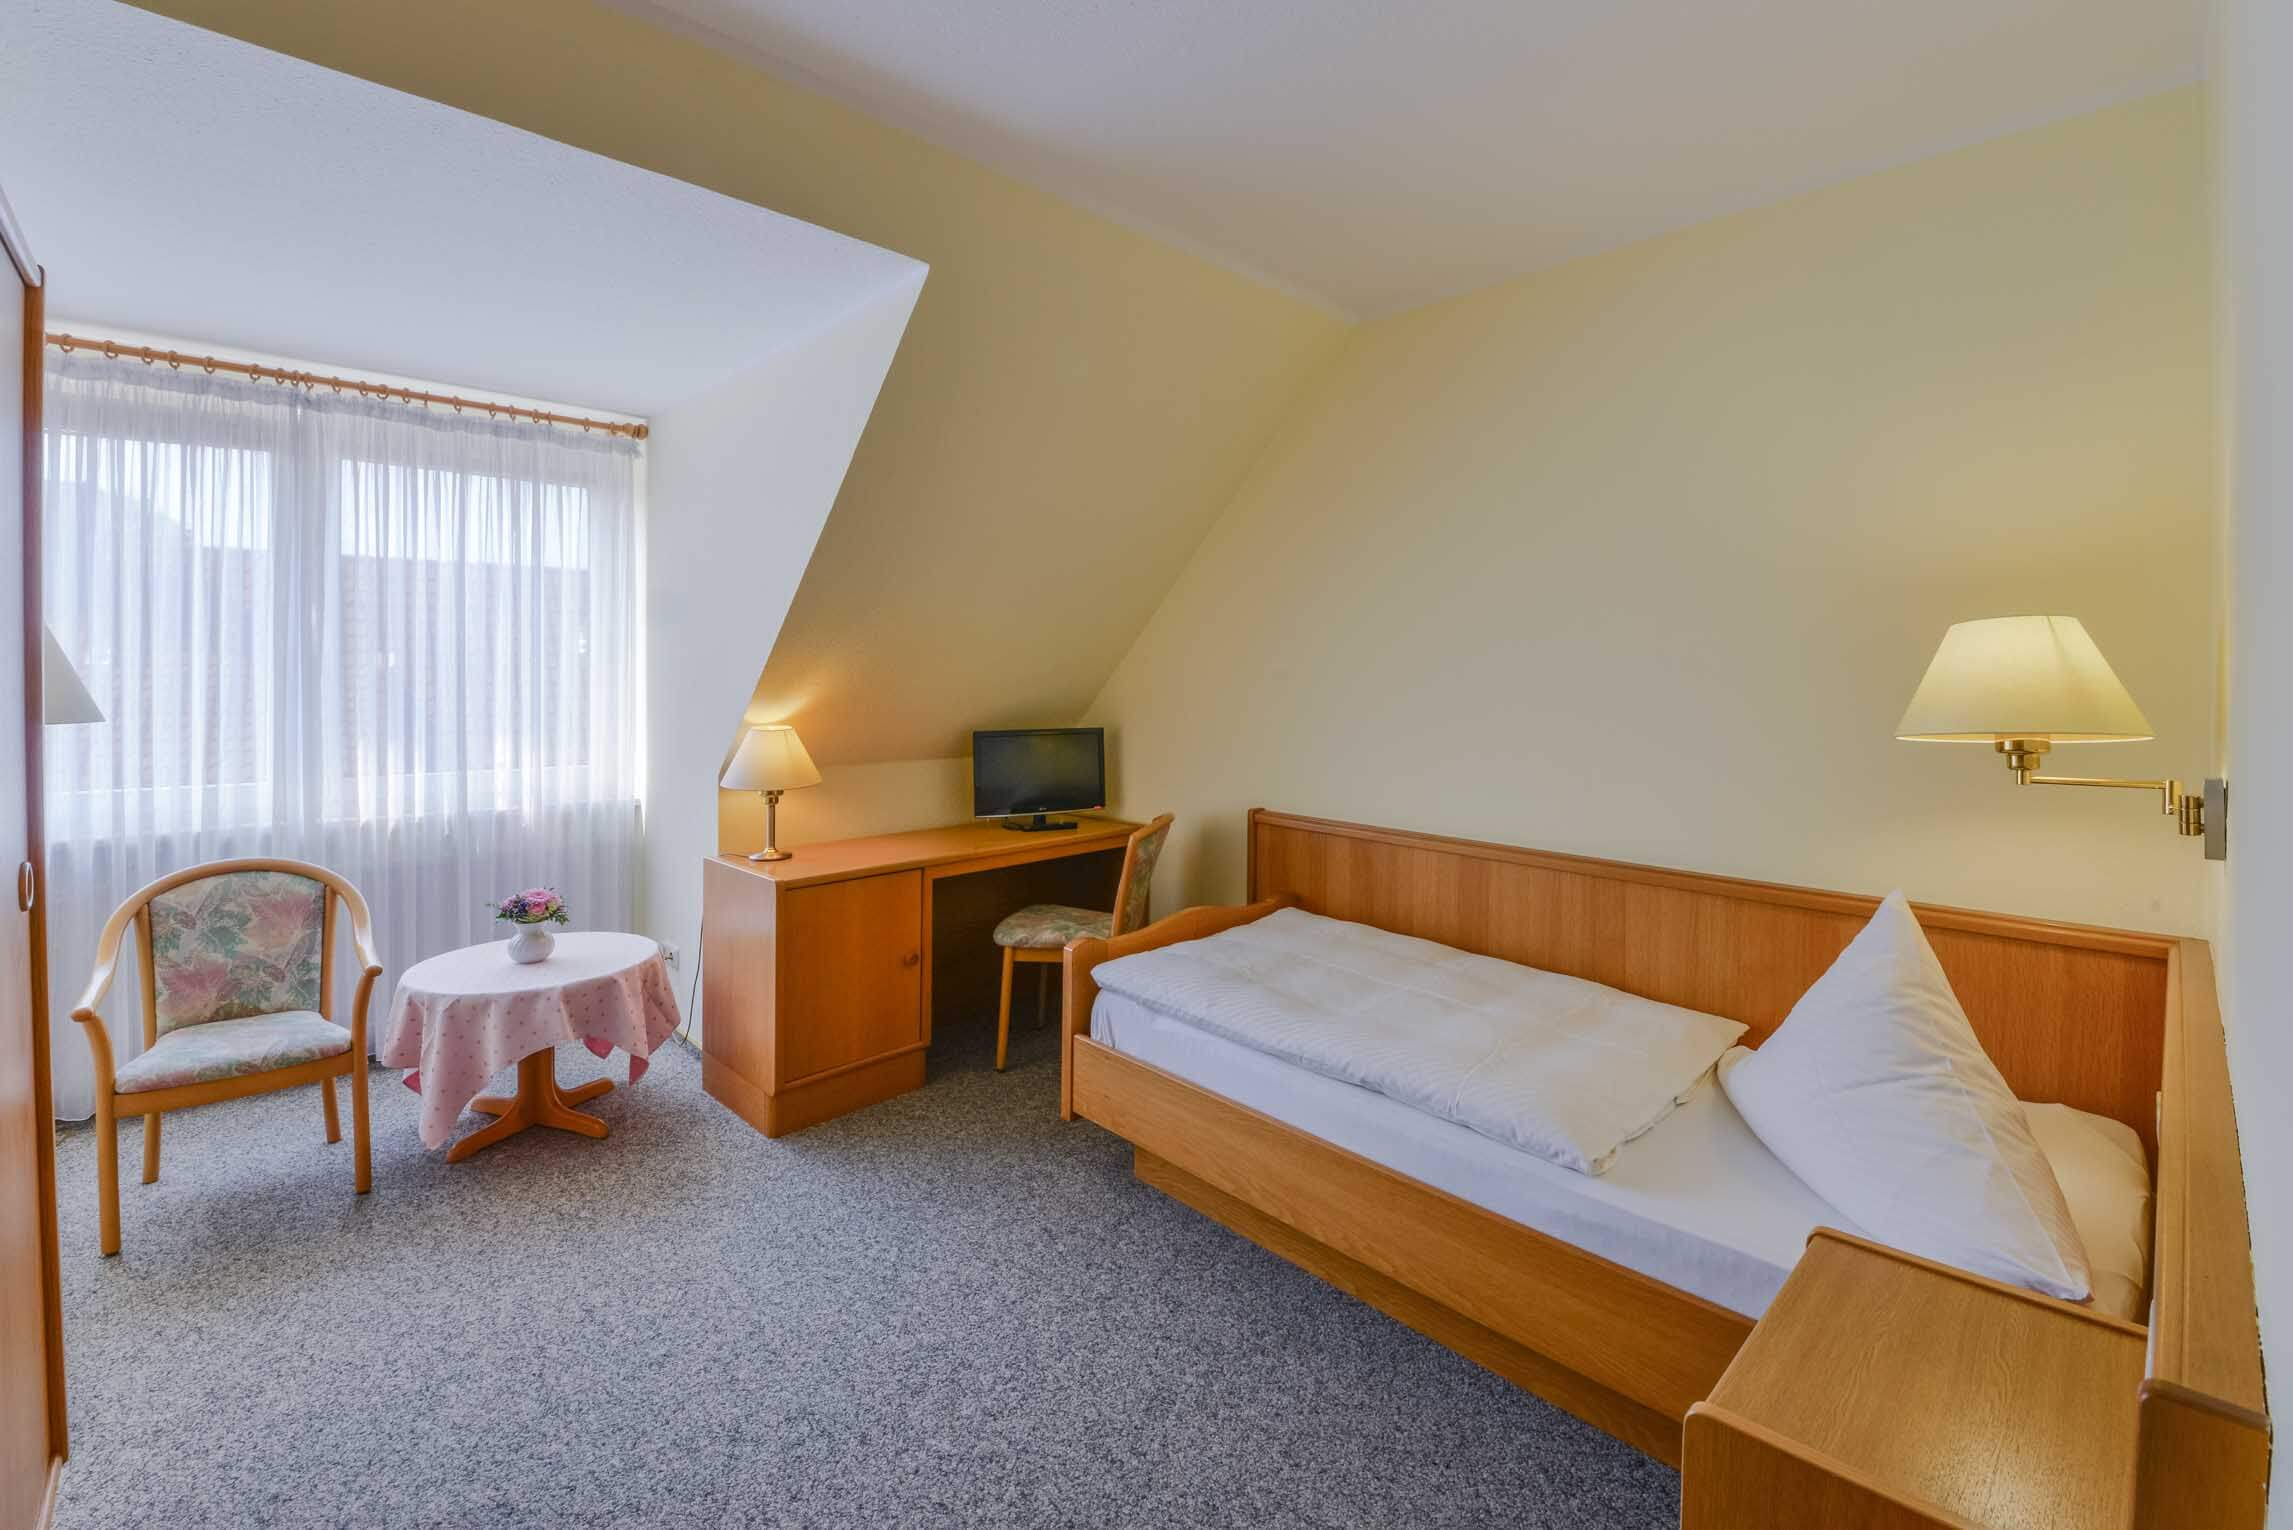 Hotel Braband Cuxhaven Einzelzimmer